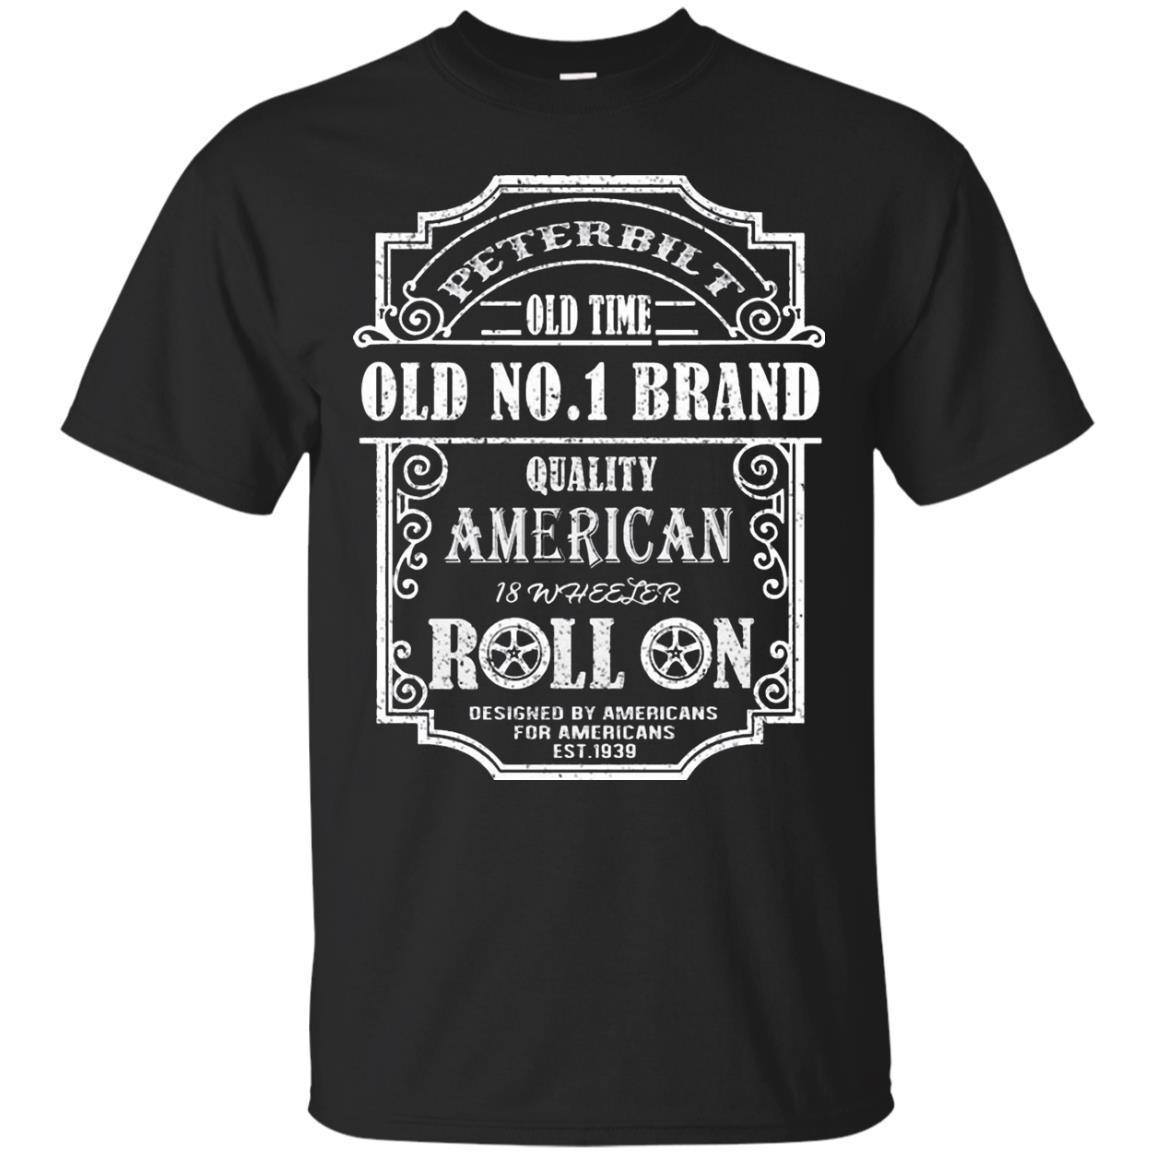 Men's PETERBILT TRUCK BACK PETERBILT OLD NO 1 Shirt